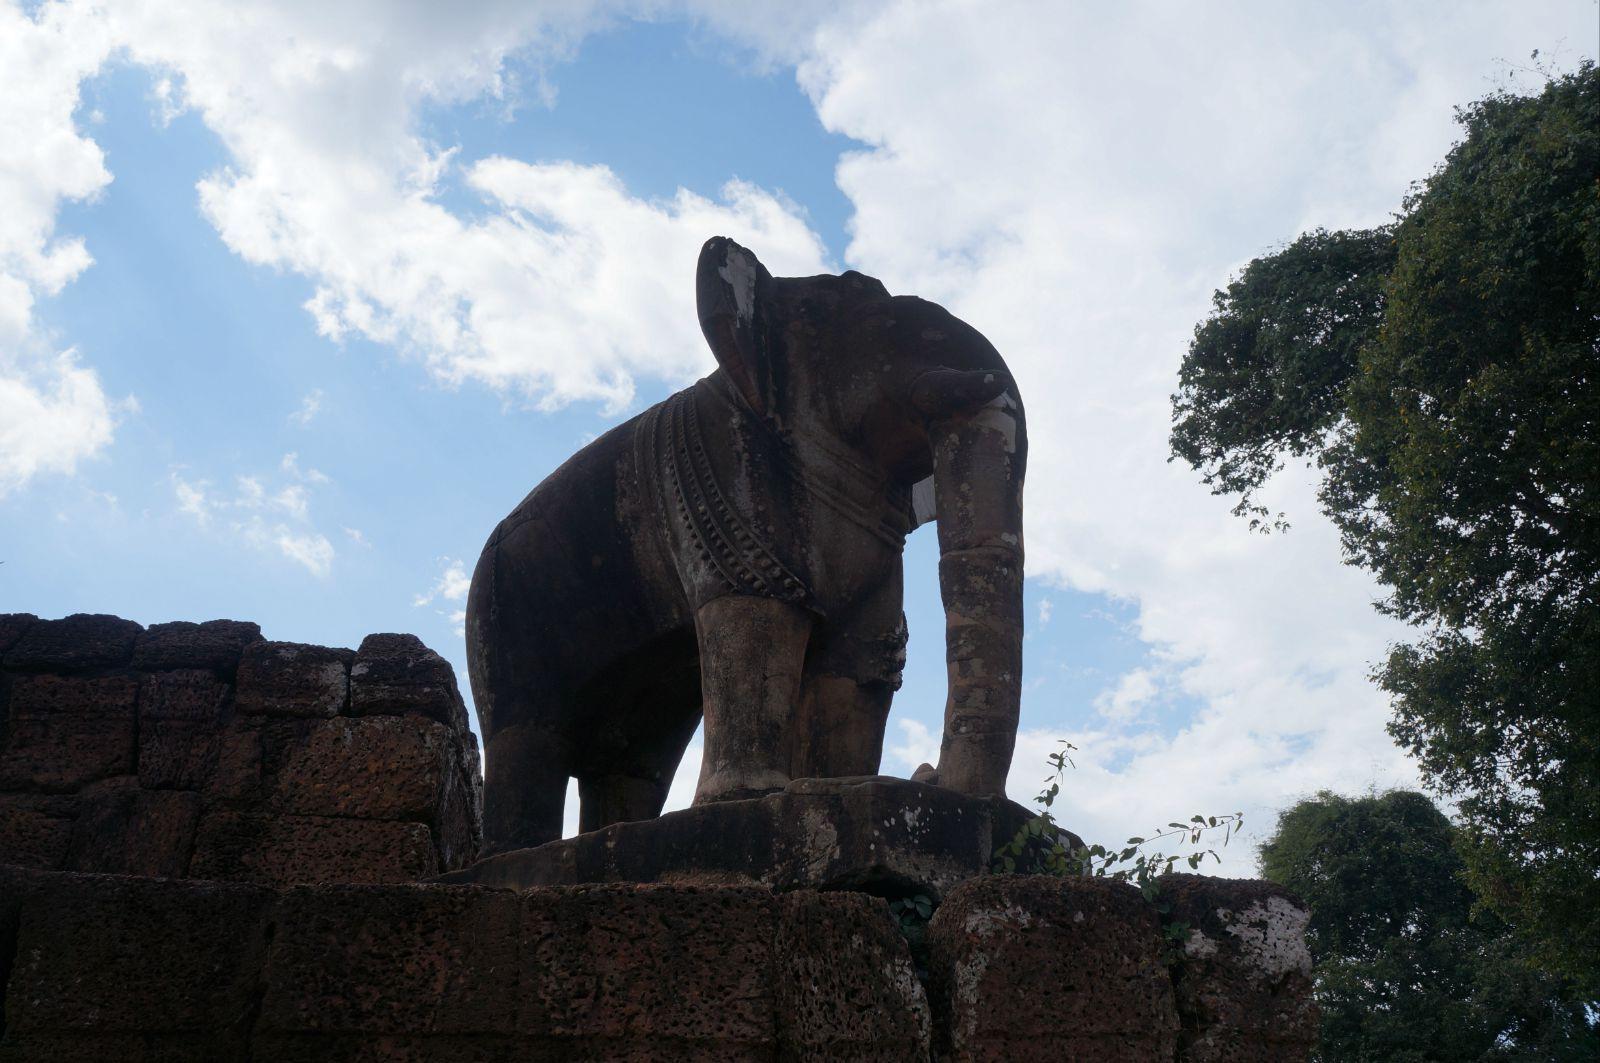 大象石雕源自印度神话,代表四方.